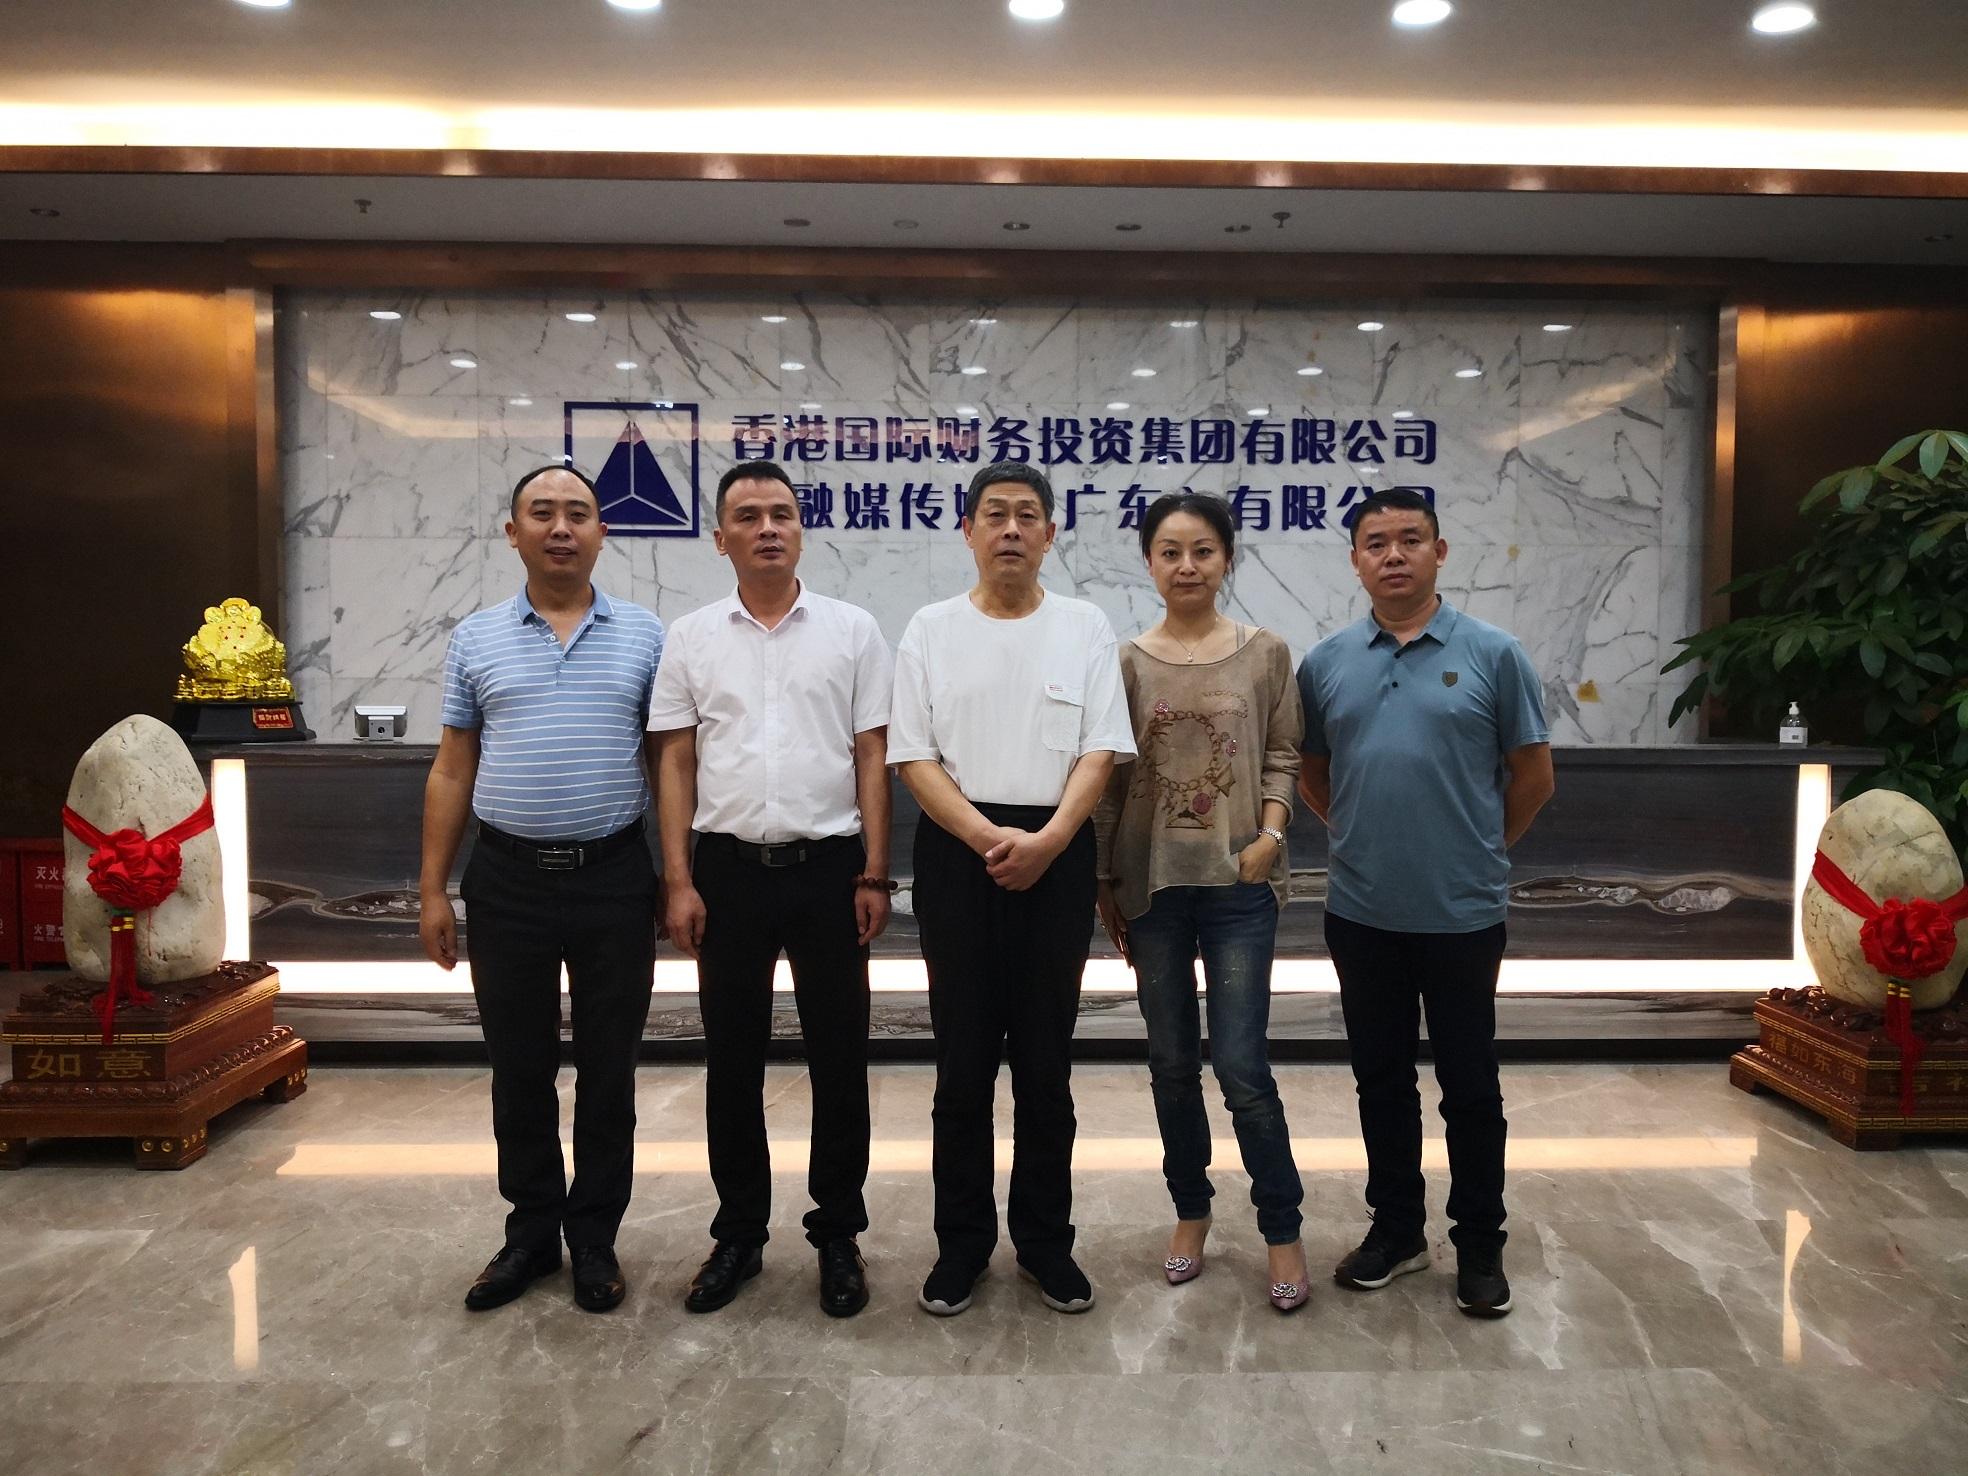 体育媒传媒将进驻杭州